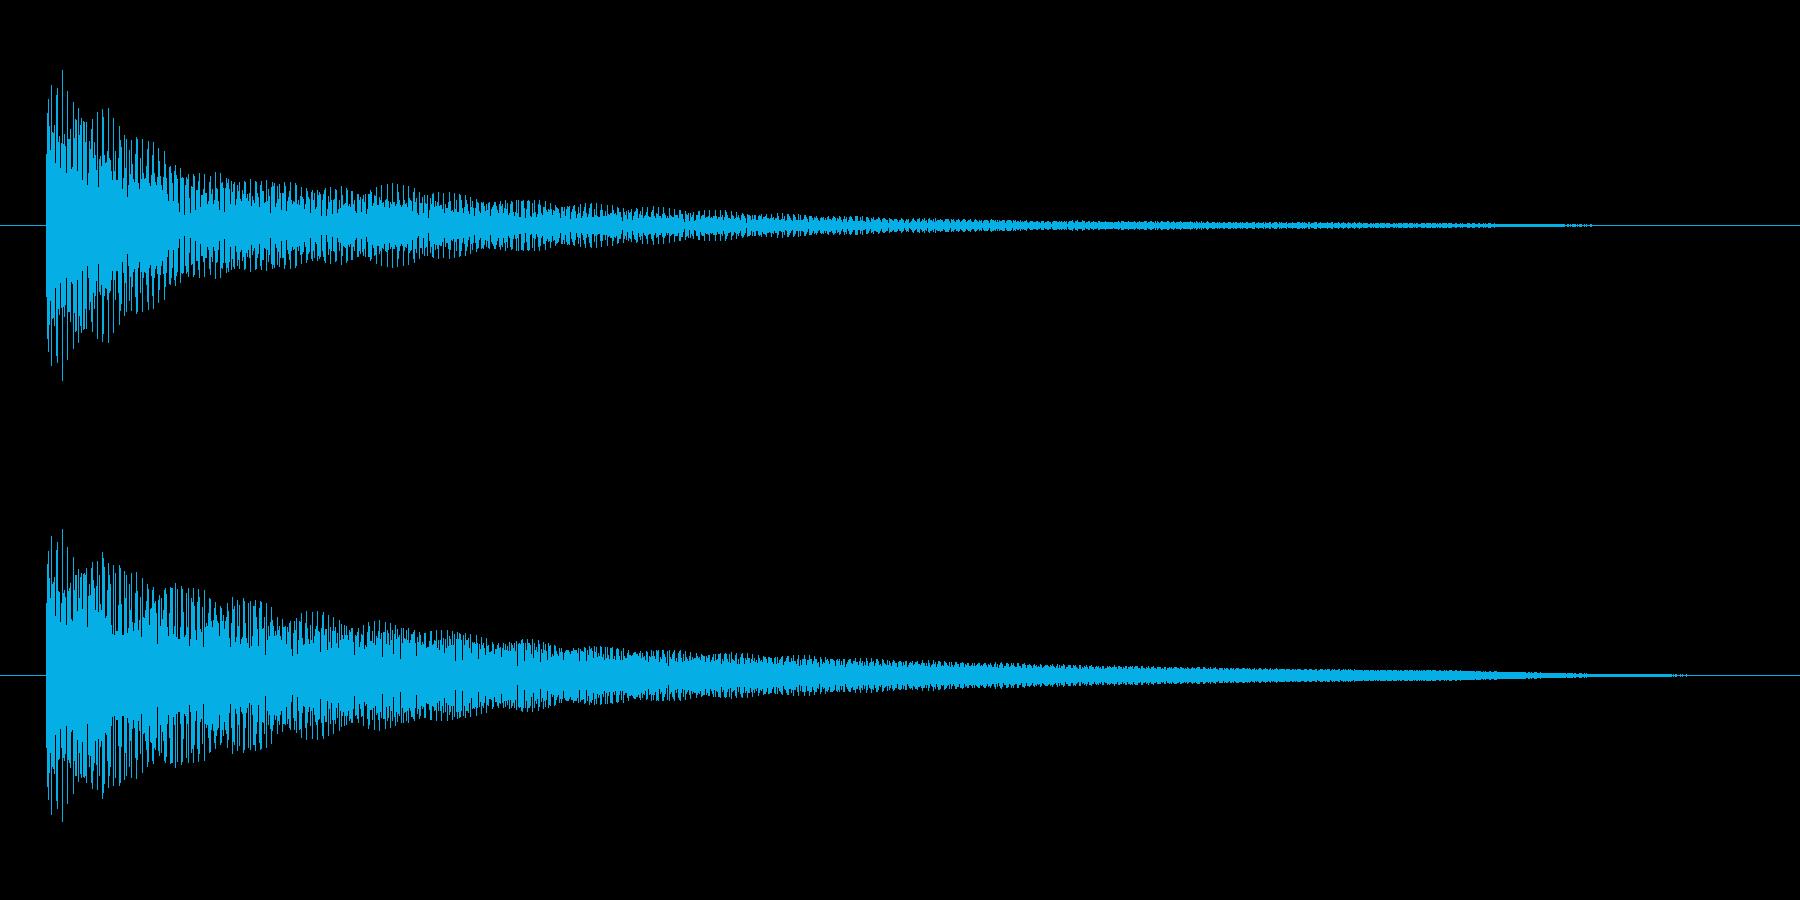 オルゴールでのシンプルな和音(コード)の再生済みの波形